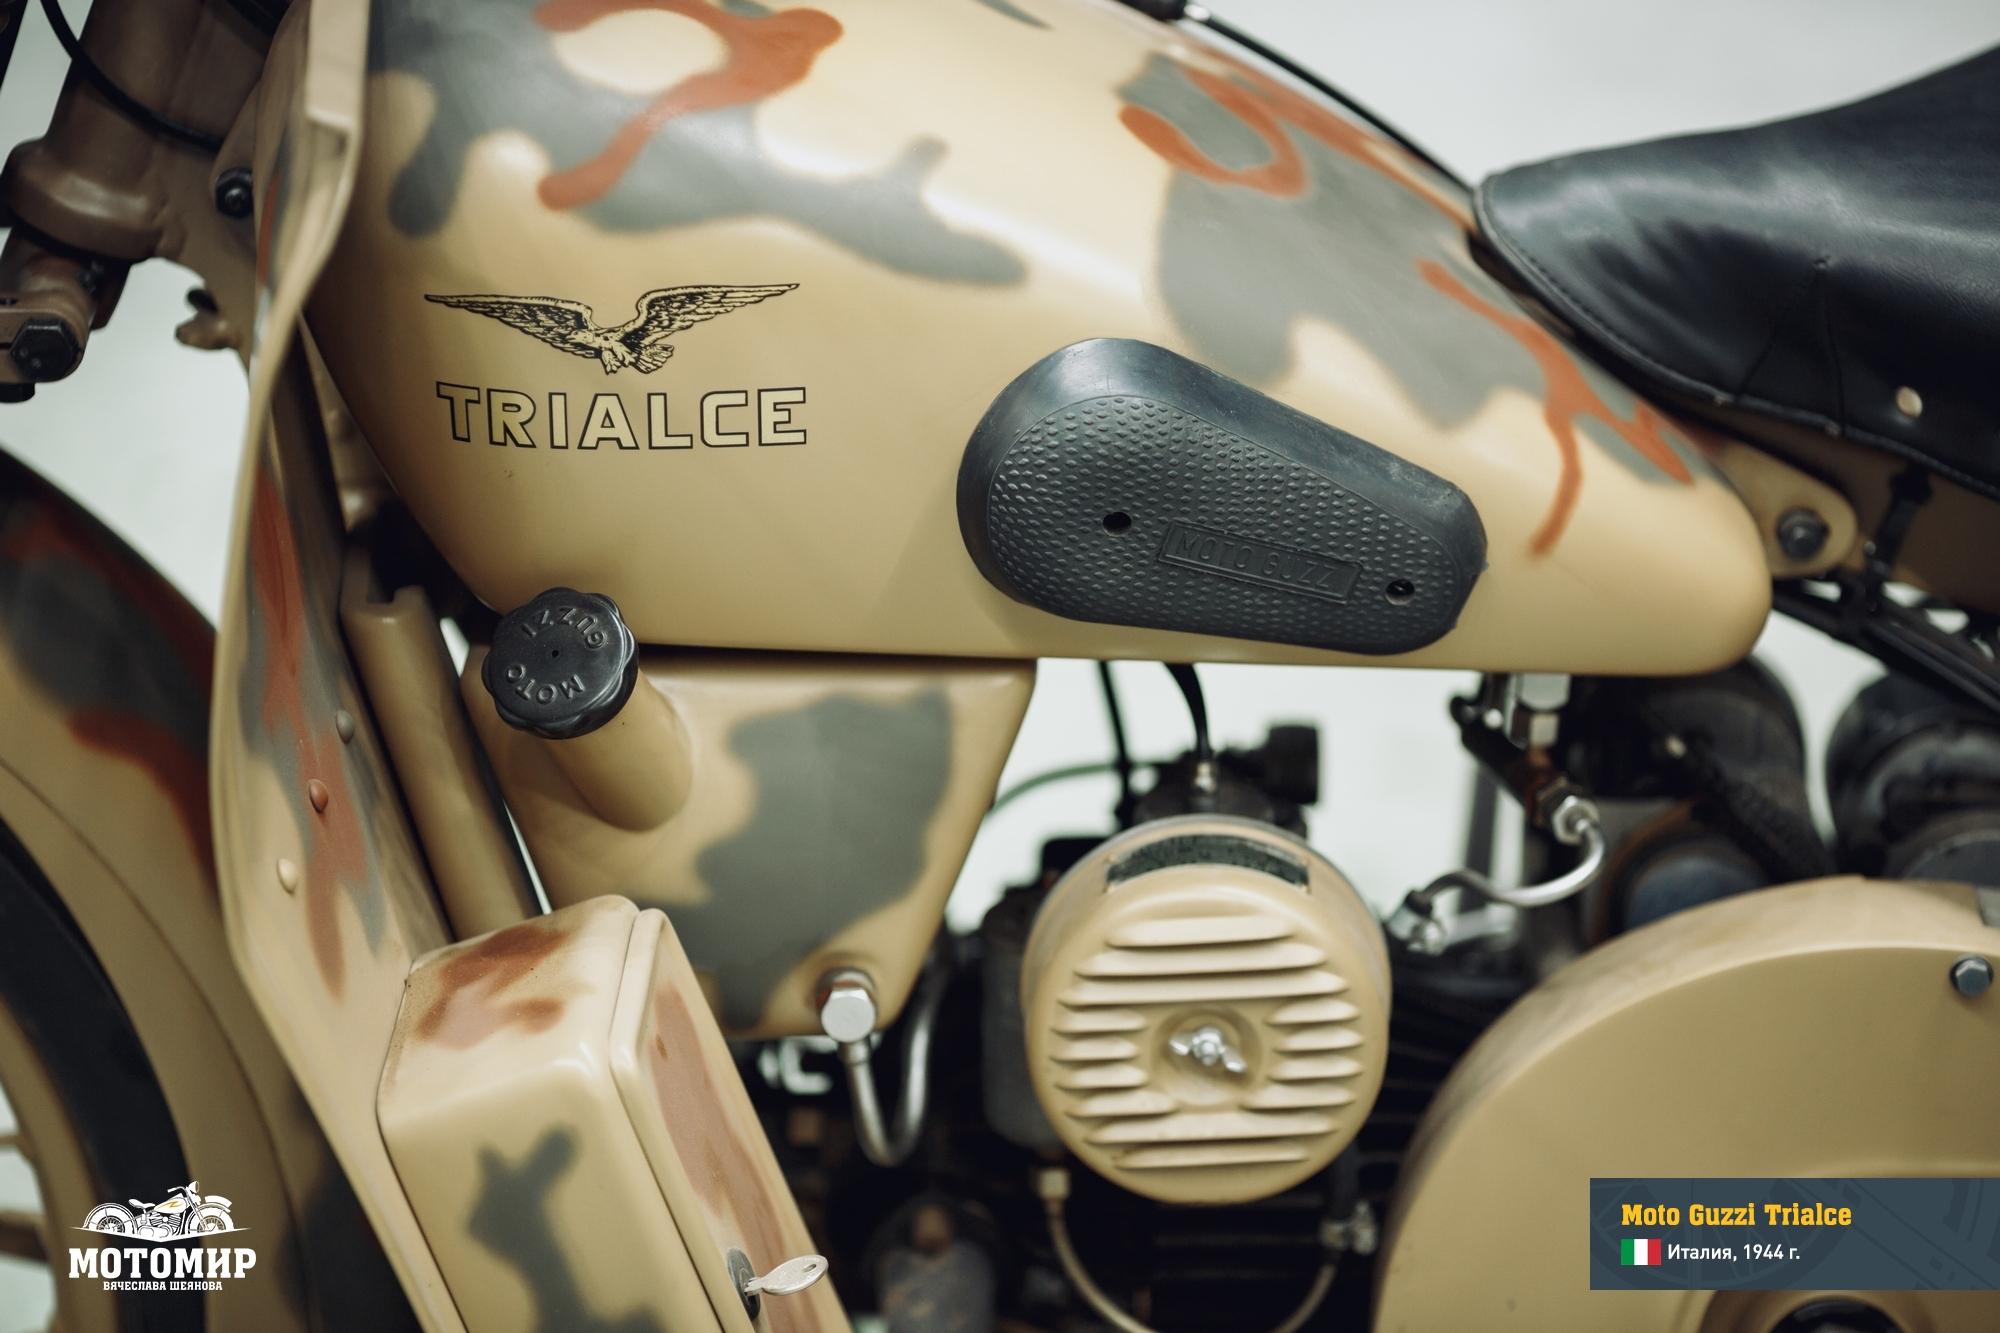 moto-guzzi-trialce-201502-web-12